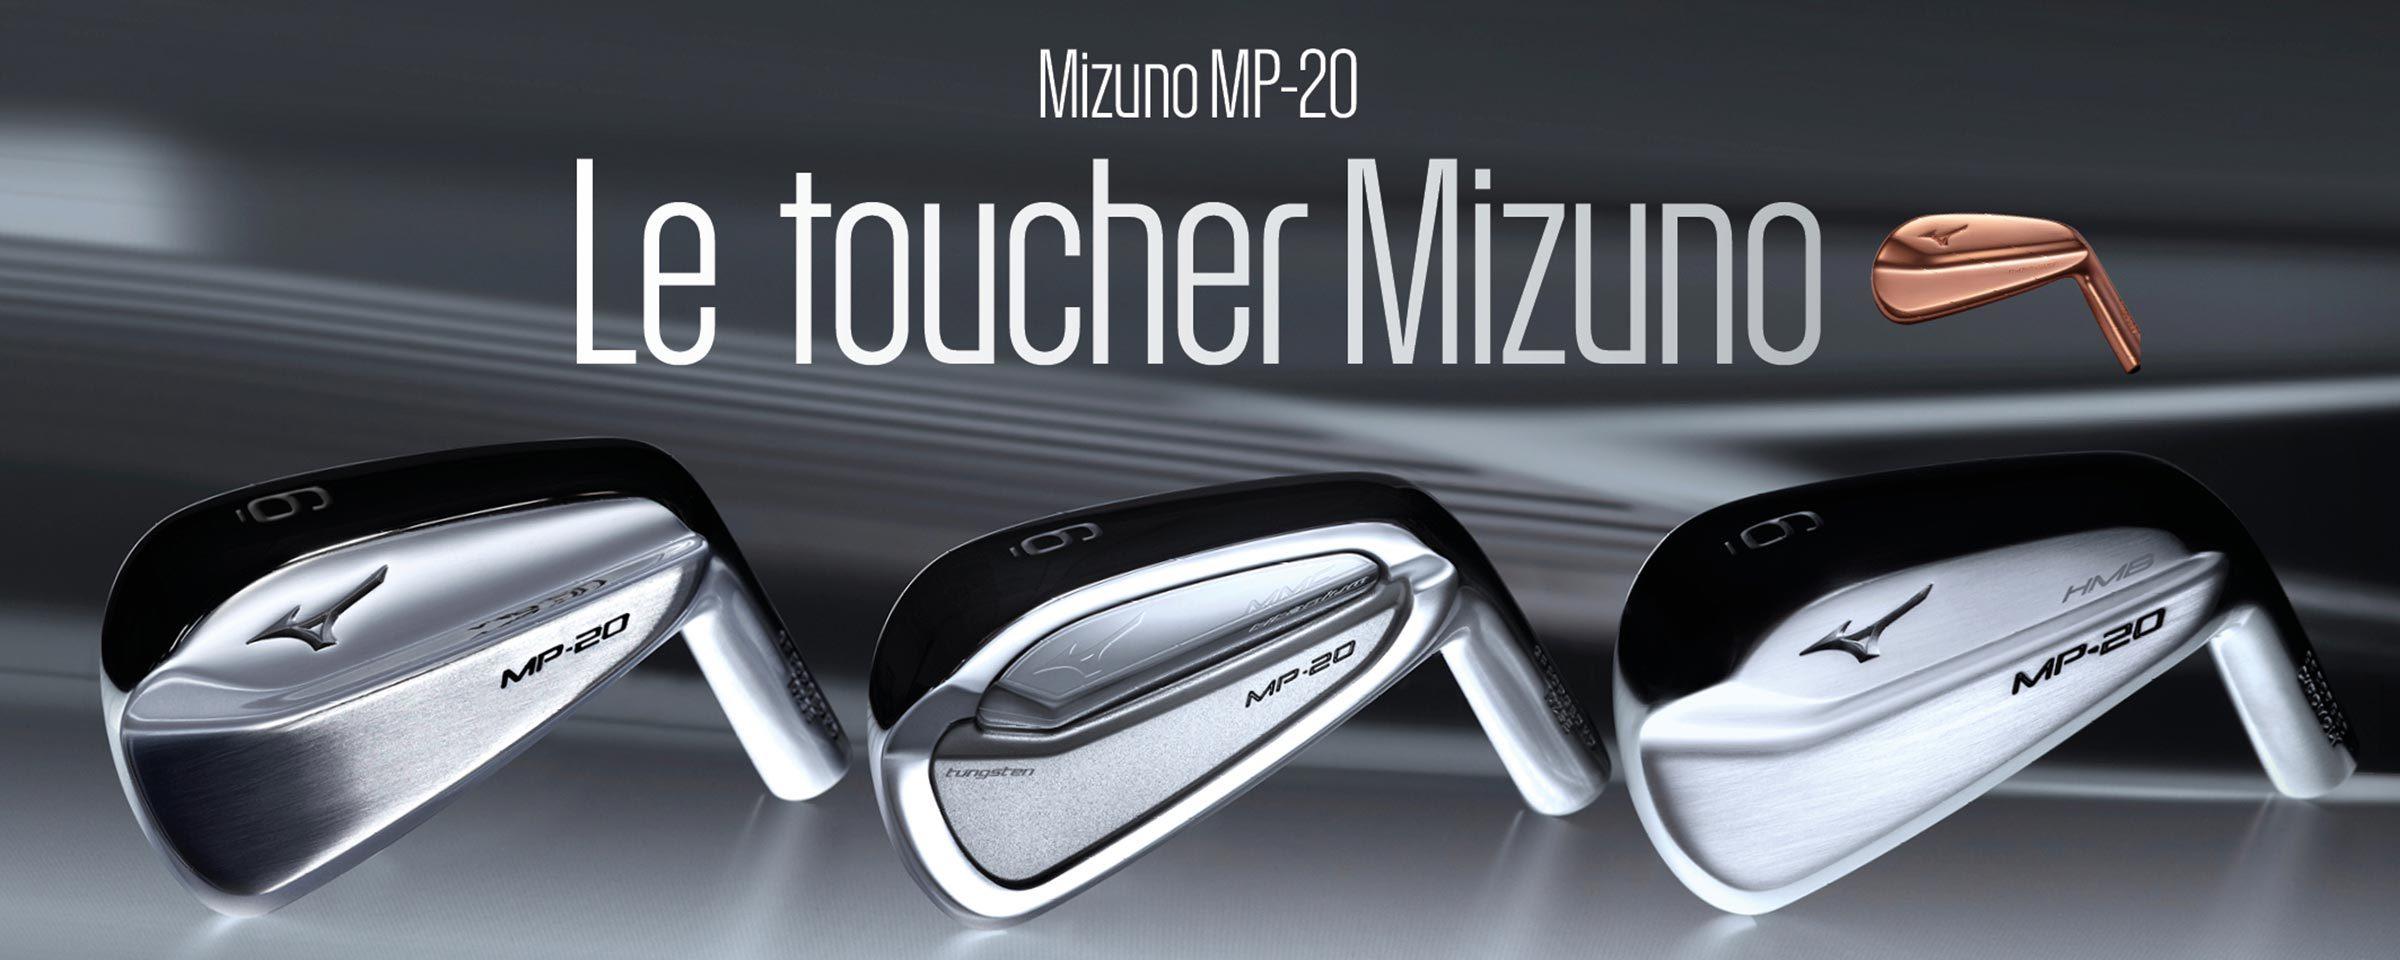 Le toucher Mizuno